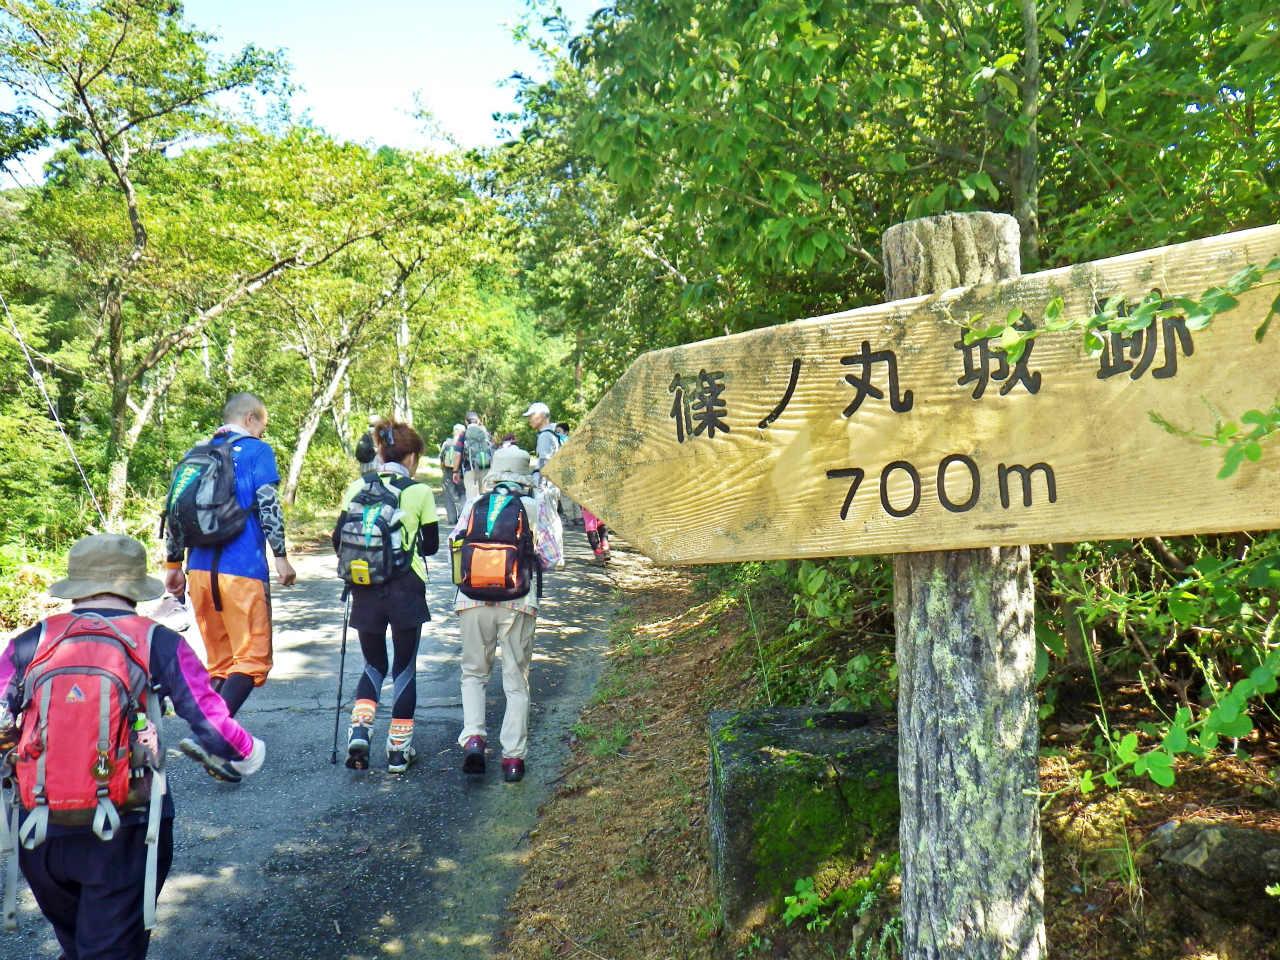 14a 登山道入口